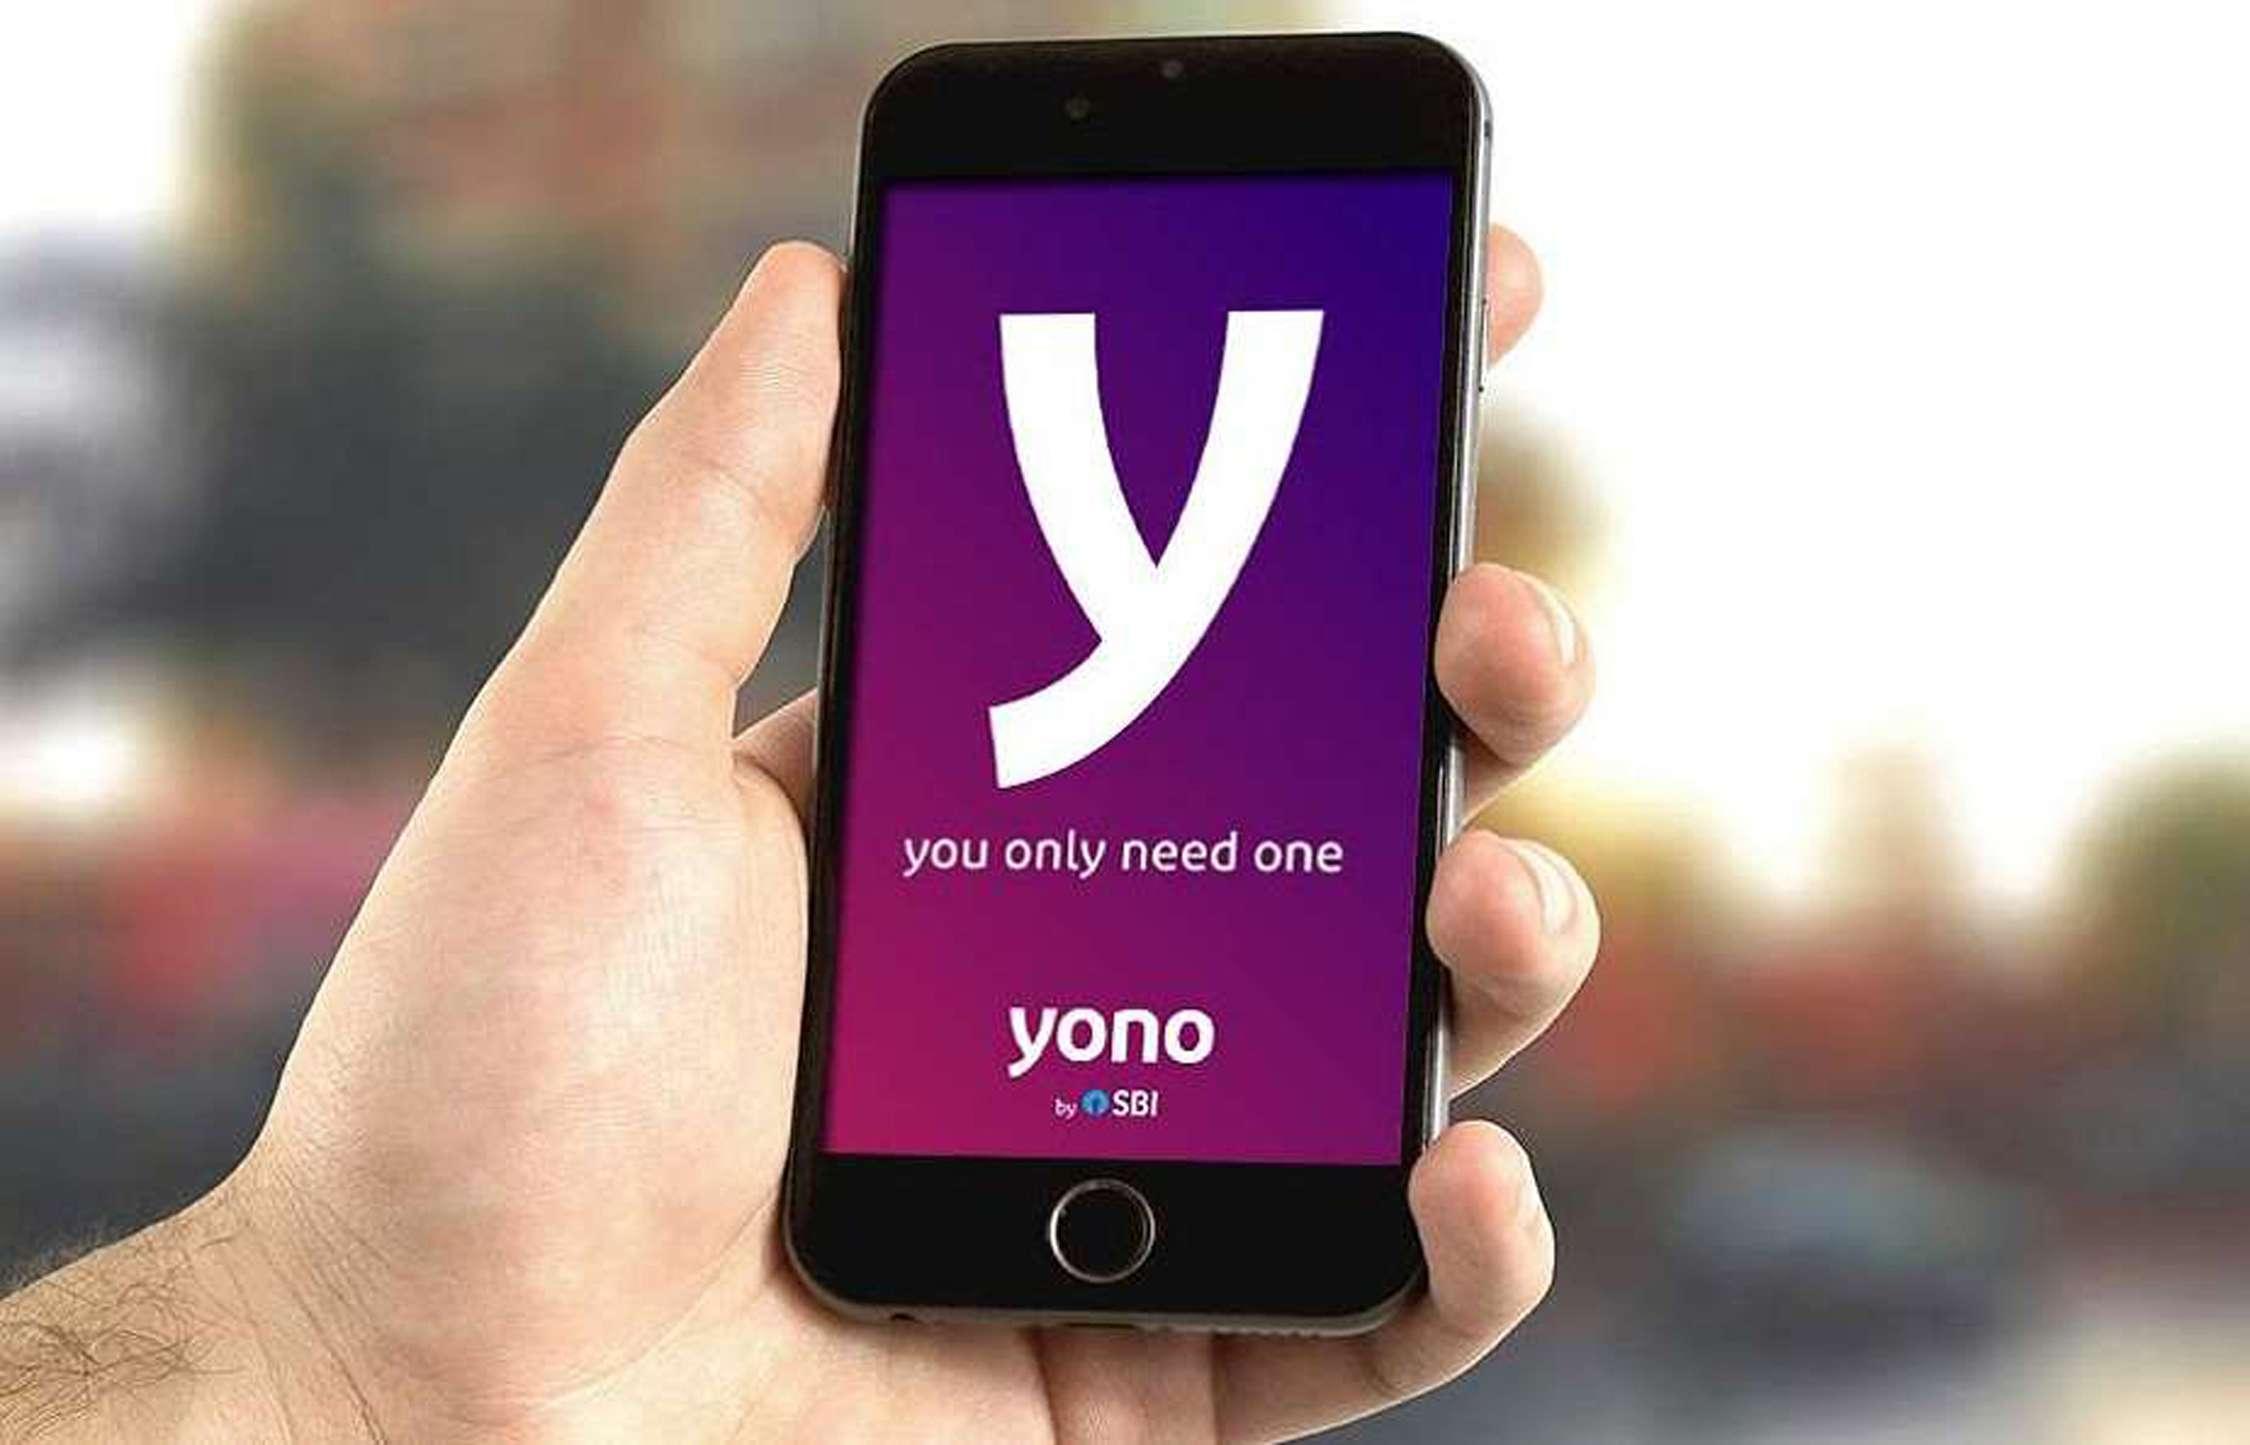 योनो ऐप की मदद से निकलेगा पैसा के लिए इमेज परिणाम